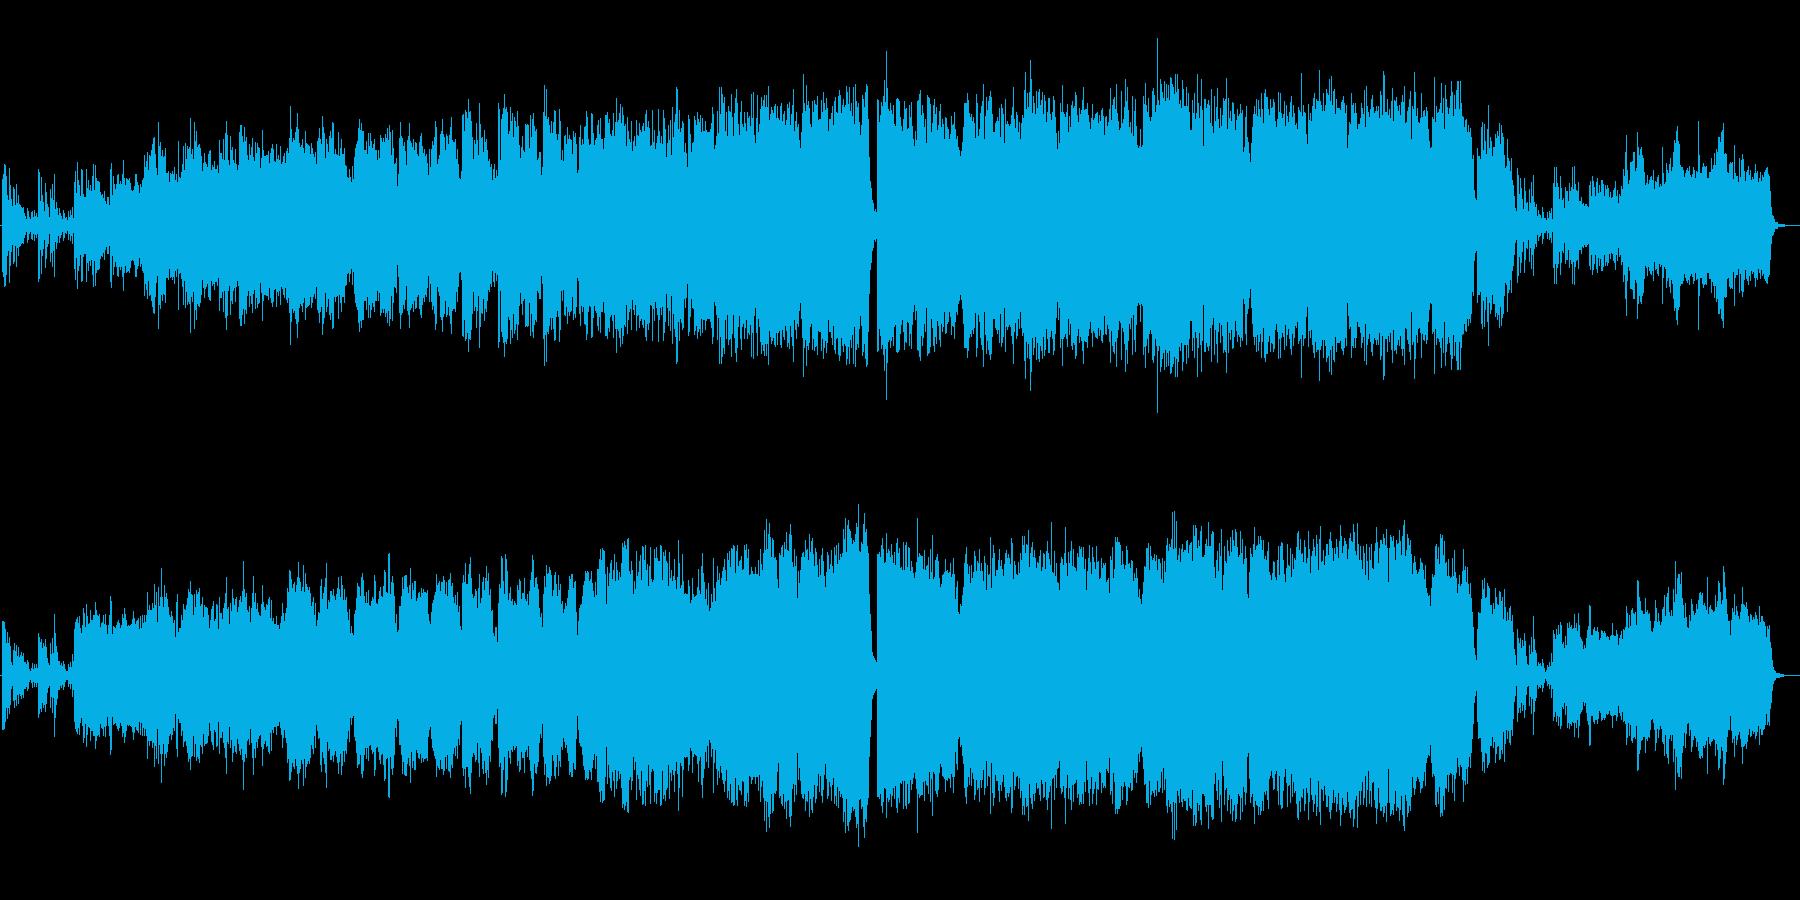 【生演奏】ドラマチックで優しいフルート曲の再生済みの波形